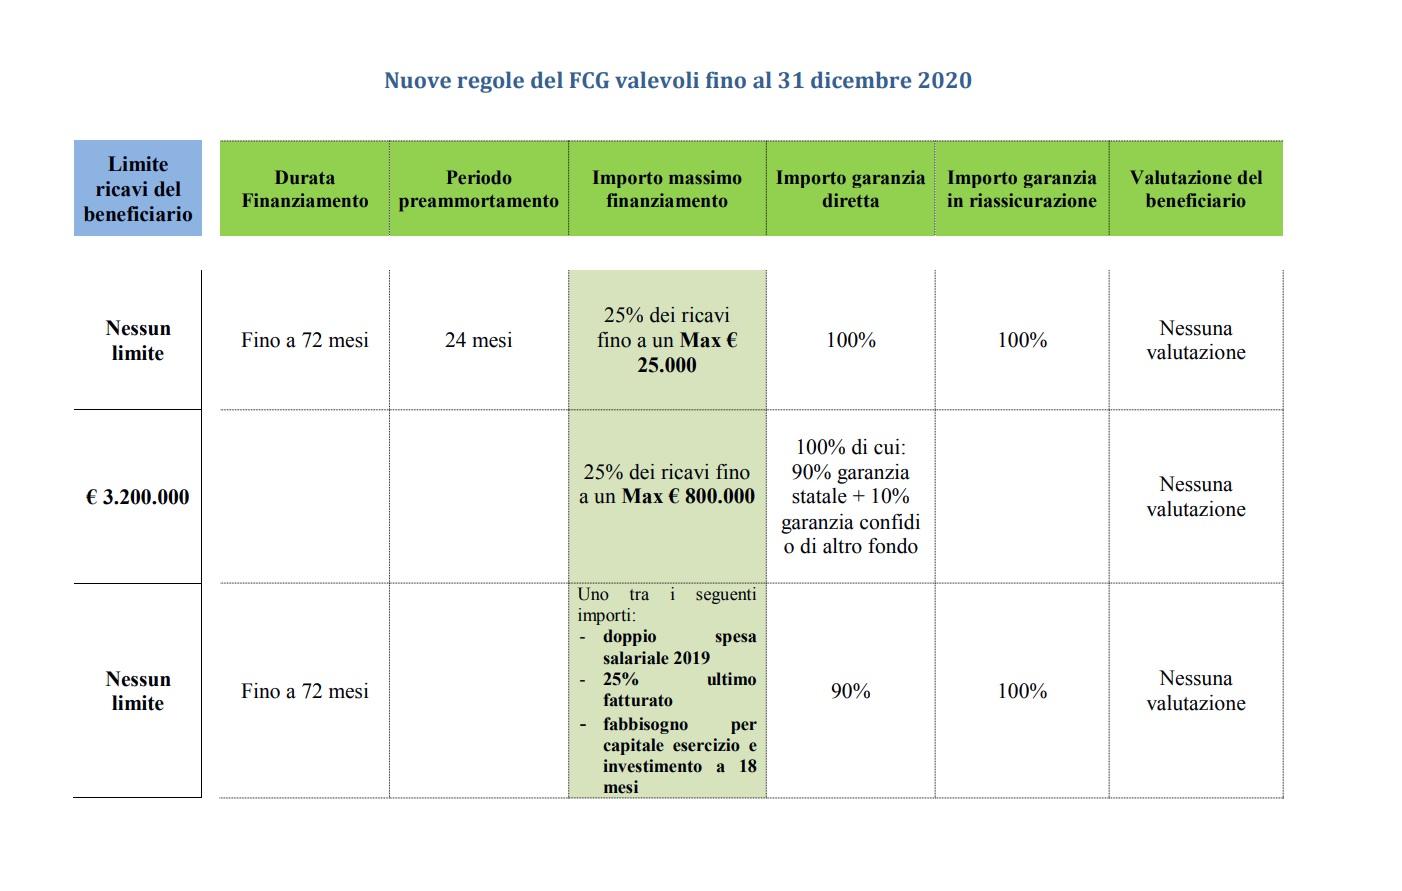 Regole più permissive per l'accesso al Fondo di Garanzia per imprese e professionisti